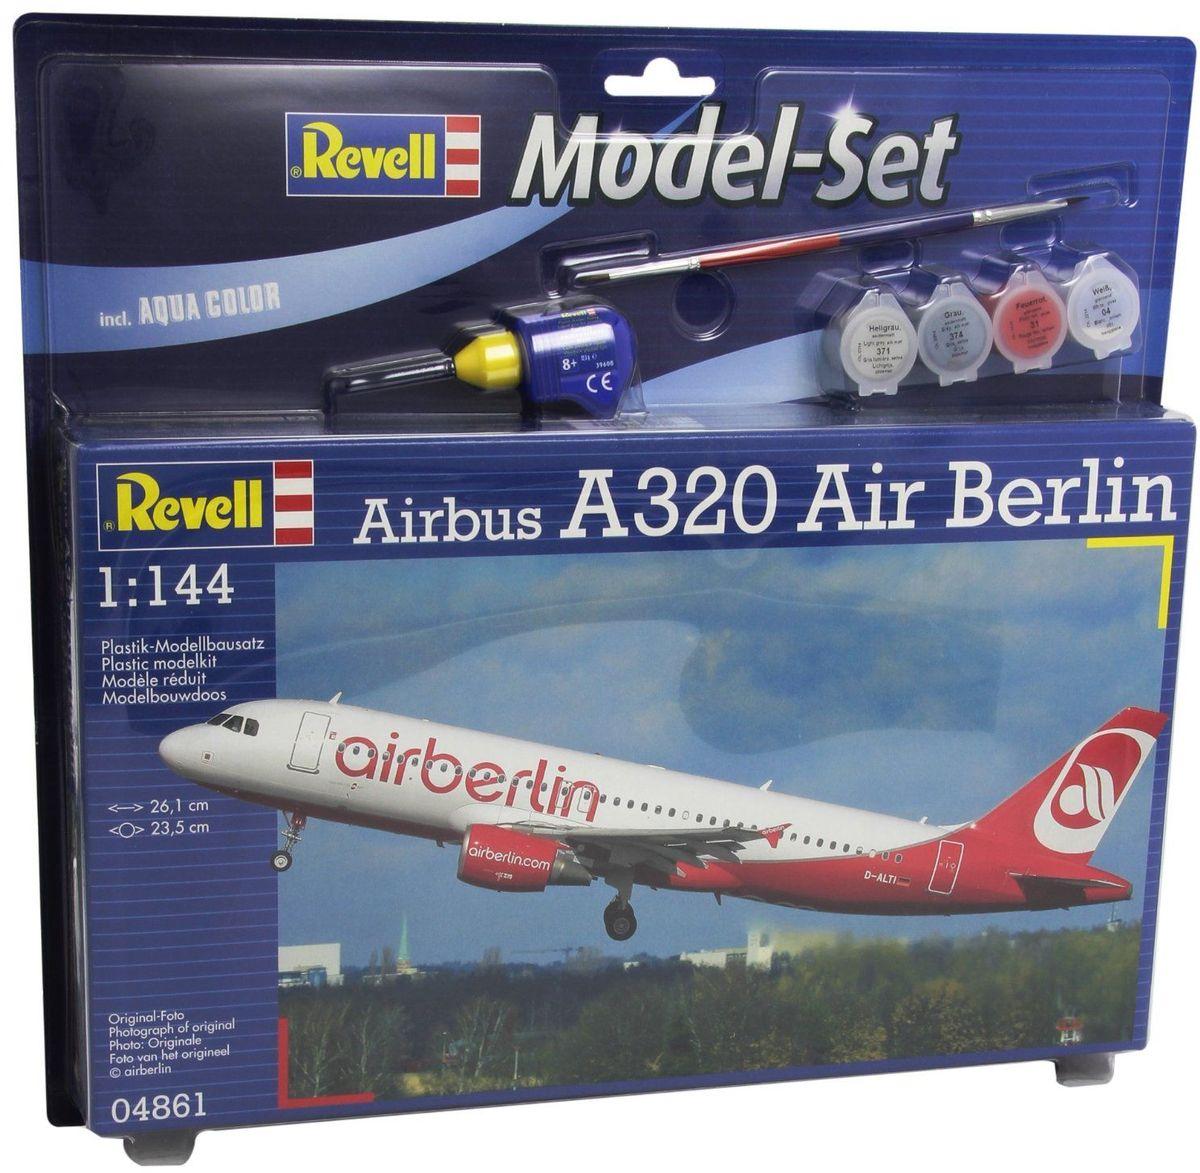 Revell Набор для сборки и раскрашивания Самолет пассажирский Airbus A320 Air Berlin64861Сборная модель Revell Пассажирский самолет Airbus A320 Air Berlin поможет вам и вашему ребенку придумать увлекательное занятие на долгое время. Airbus A320-200 представляет собой экономичный среднемагистральный пассажирский лайнер. В стандартной конфигурации самолет способен перевозить до 150 пассажиров. С октября 2005 года Airbus A320 является основным самолетом в парке авиакомпании Air Berlin. Данный тип лайнеров используется в основном на европейских маршрутах компании. Набор включает в себя 60 пластиковых элементов, из которых можно собрать достоверную уменьшенную копию одноименного самолета. Помимо самой модели в набор входят базовые акриловые краски, клей и кисточки. Этих материалов вполне хватит для сбора первой стендовой модели. Из инструментов вам понадобятся лишь кусачки, для того чтобы отделить детали с литников. Краски из набора можно разбавлять обычной водой или фирменным растворителем Revell. Уровень сложности: 3. Длина собранной...